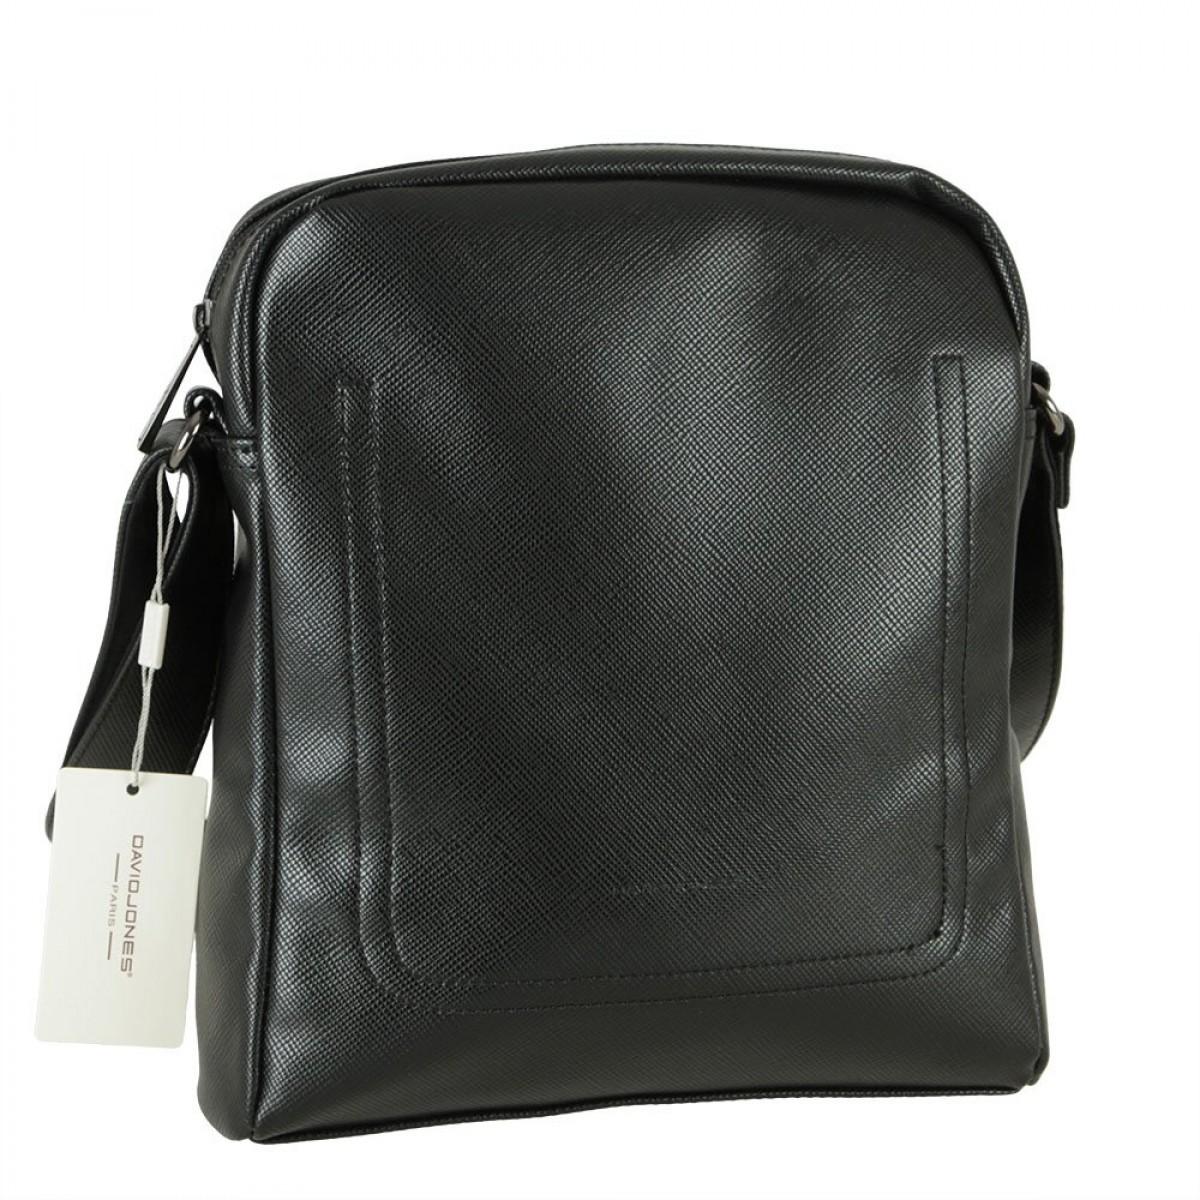 Жіноча сумка David Jones 688802 BLACK